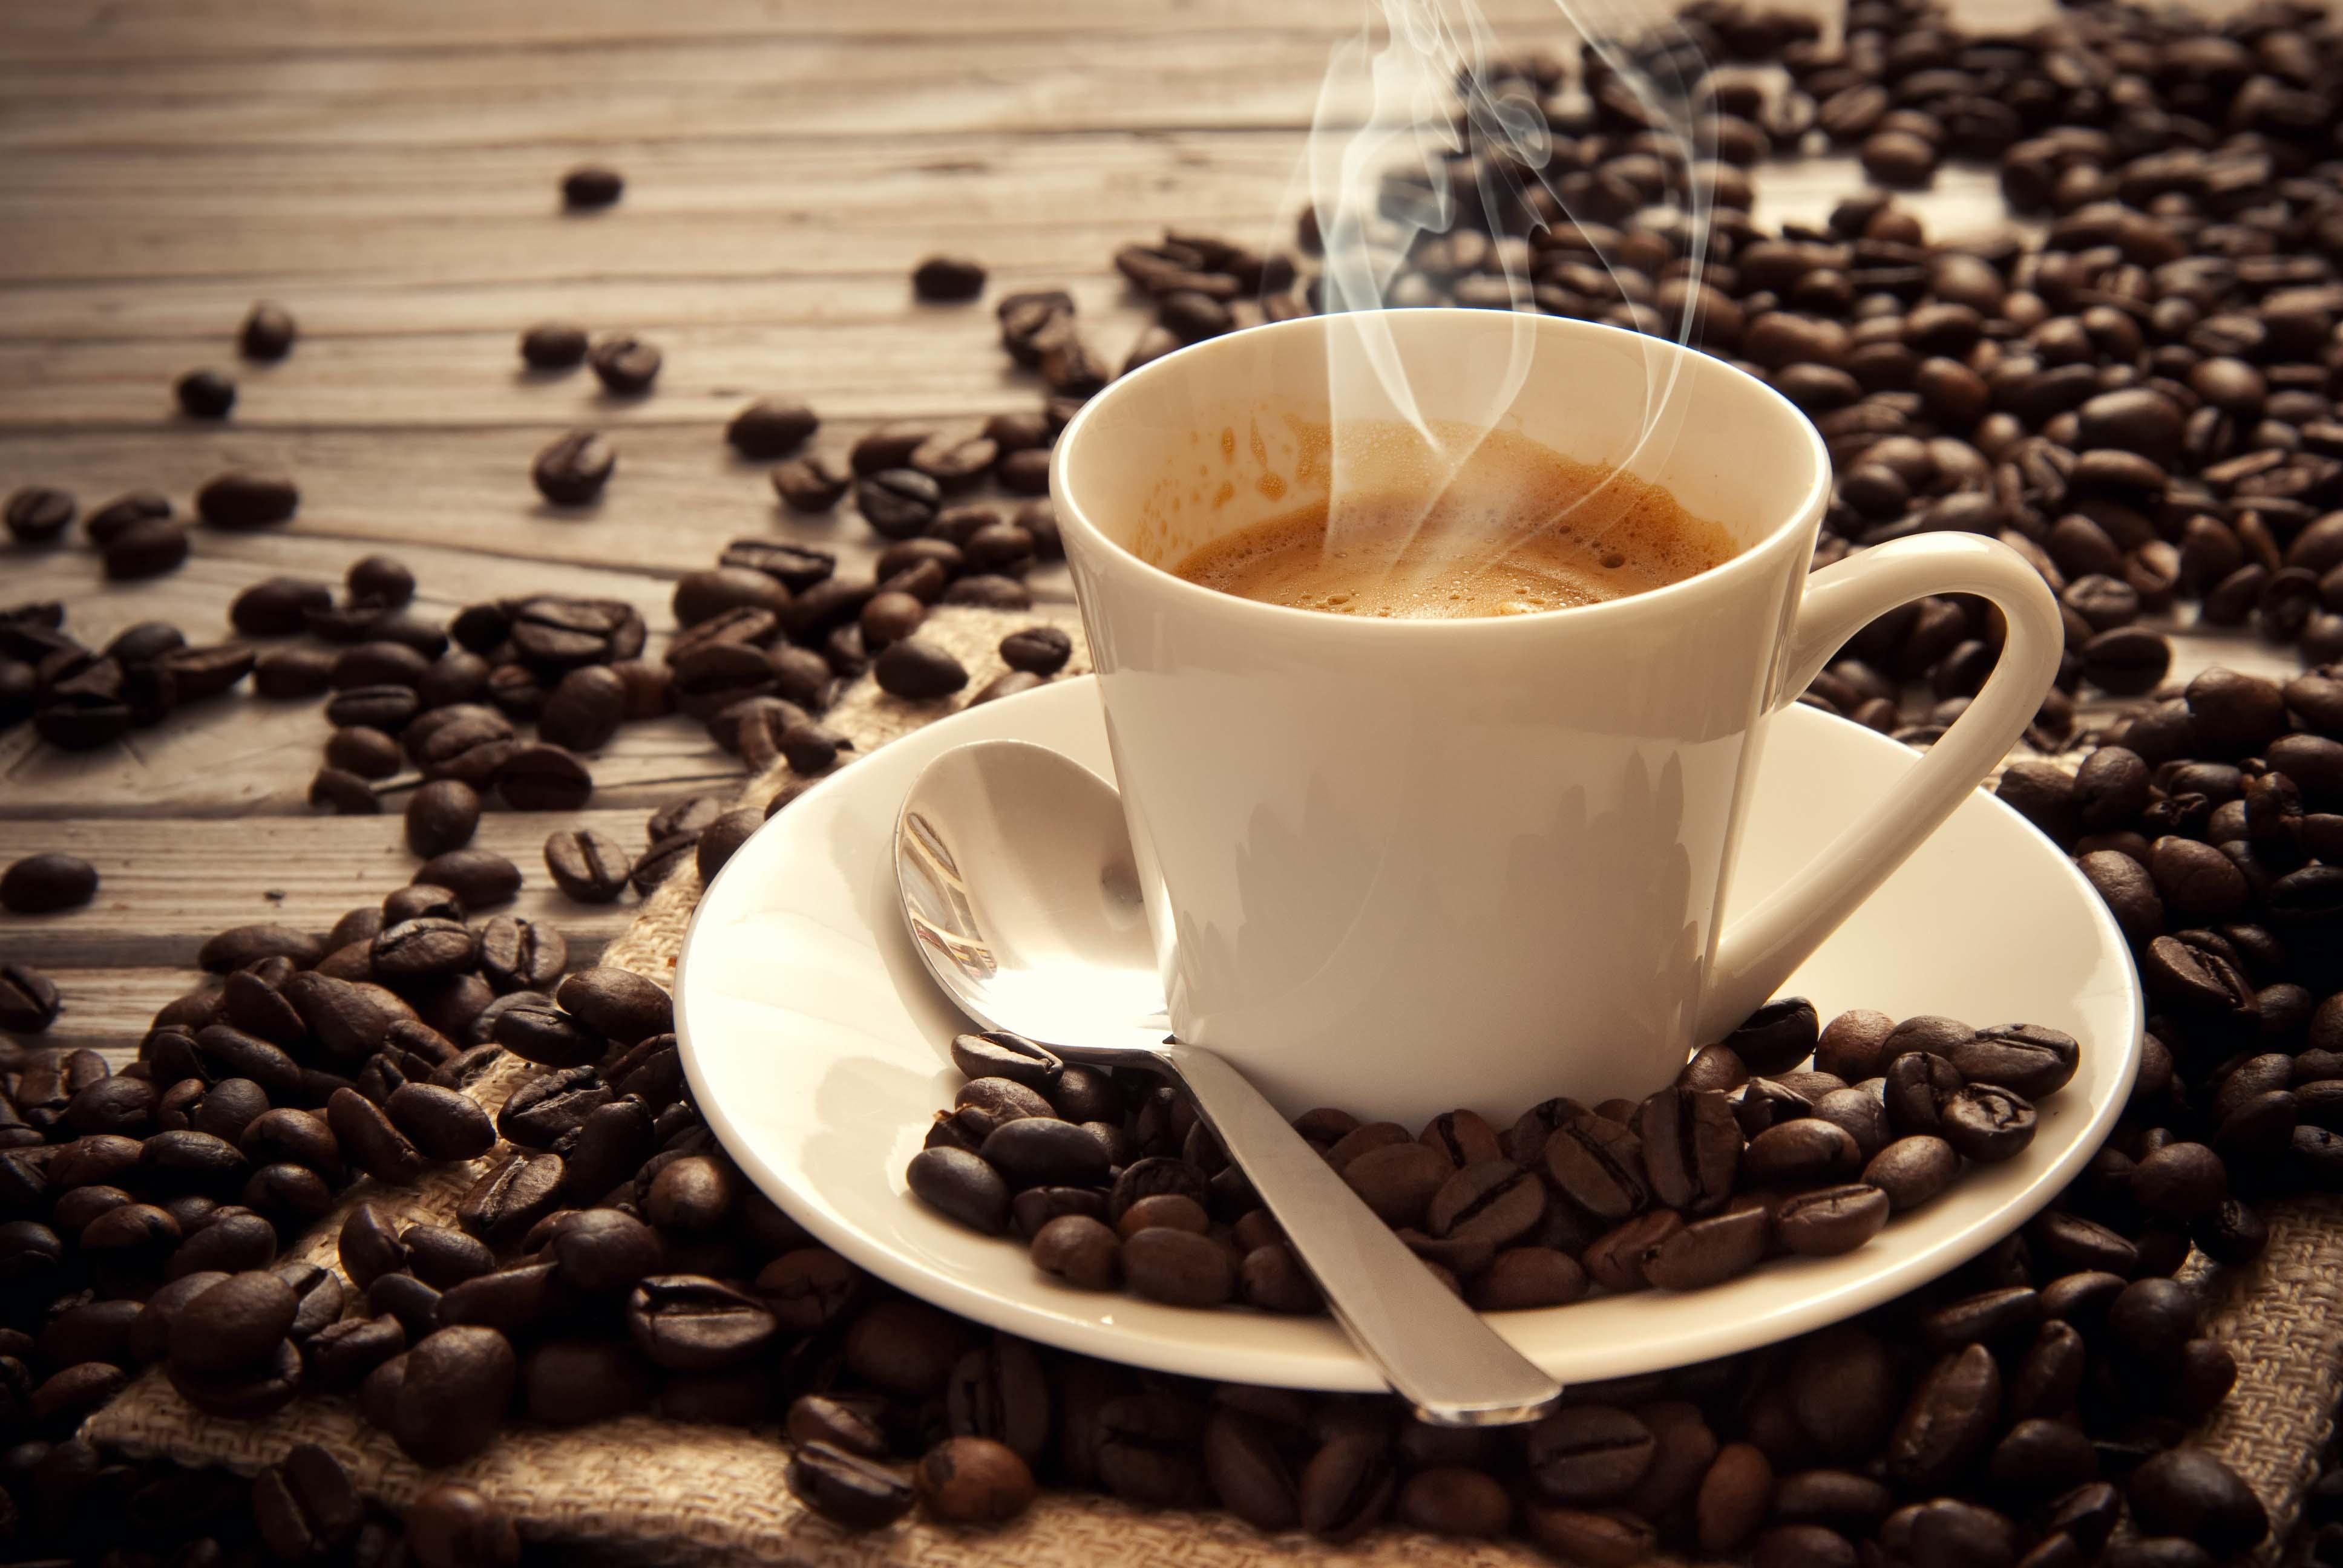 河内咖啡入选世界9个最佳咖啡城市名单